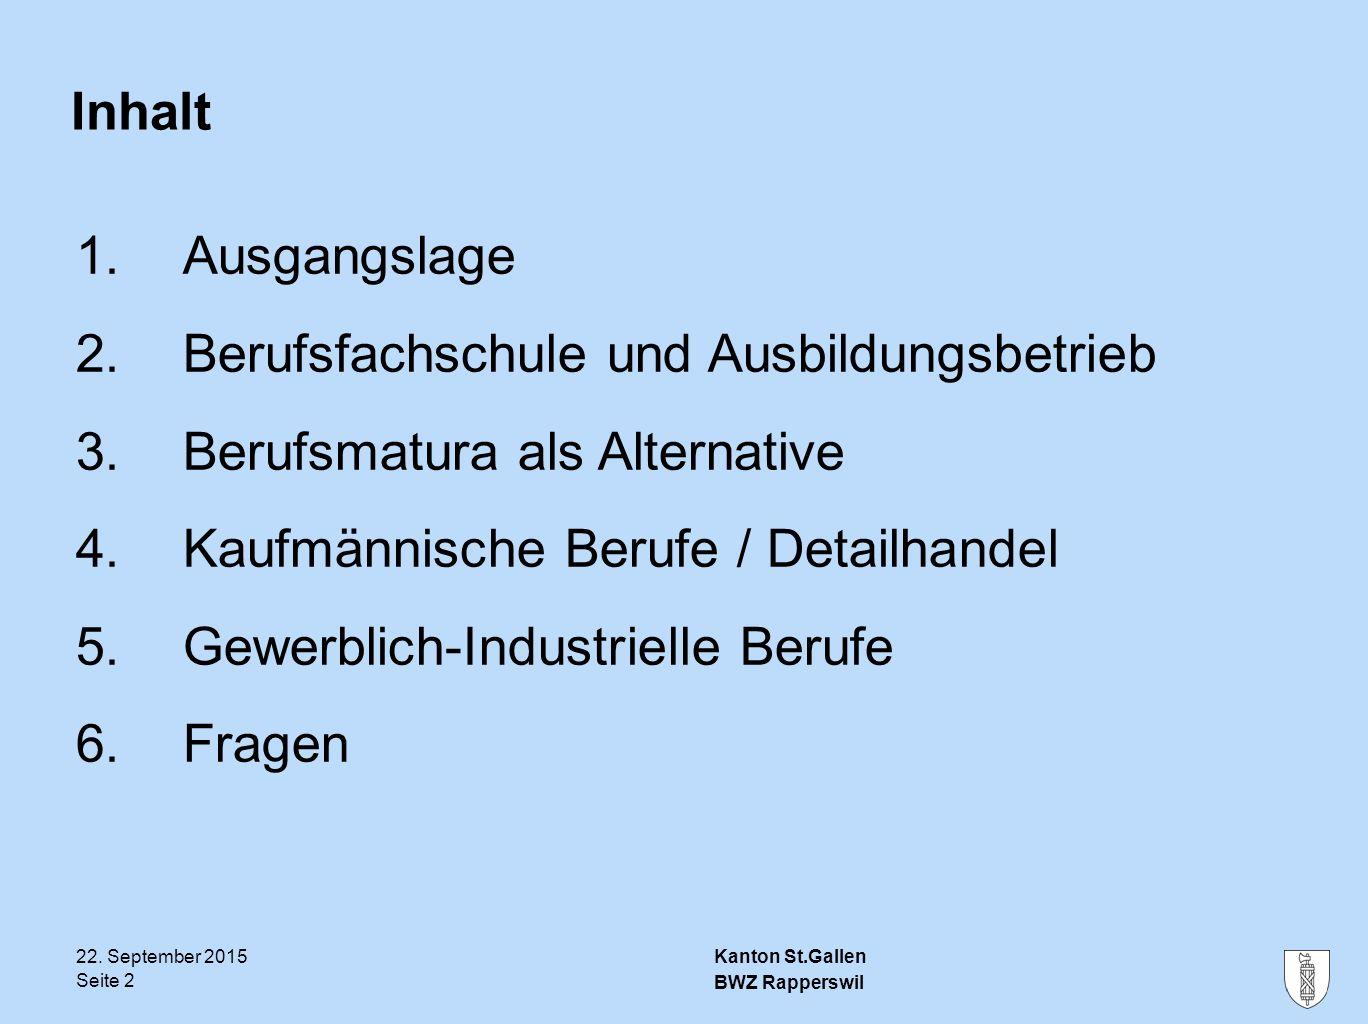 Kanton St.Gallen Konstrukteur/-in EFZ ( E ) CAD  konstruieren Pläne und Grundlagen für Maschinen und Anlagen  vierjährige Lehre, 1 Niveau  für Frauen sehr gut geeignet  mit TBM  Schultage o.